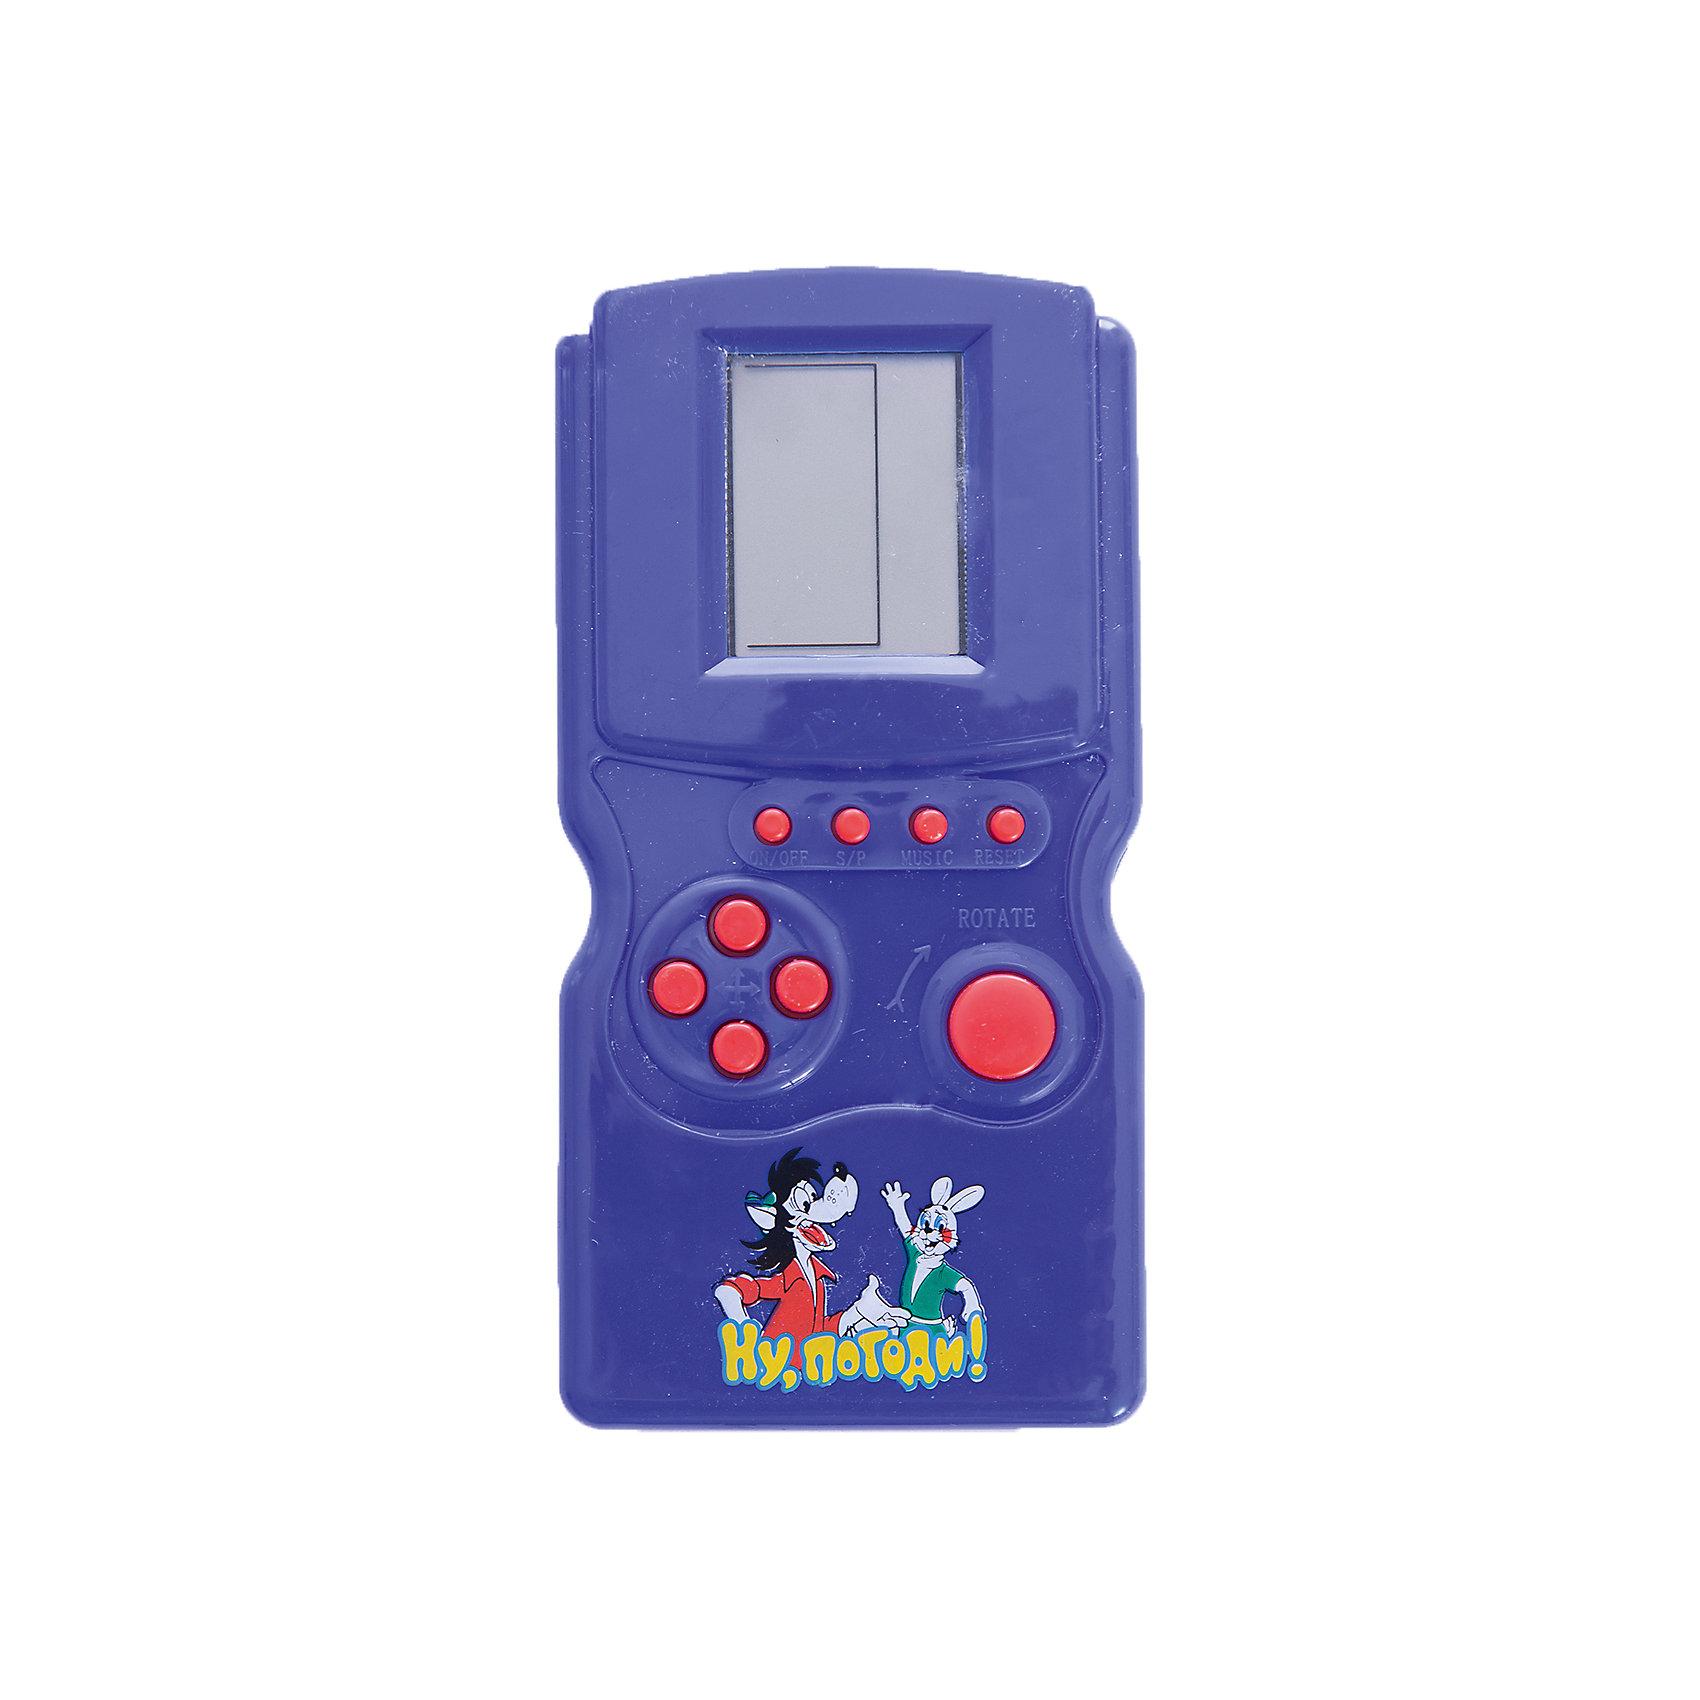 Игра электронная Тетрис Ну погоди, Играем вместеИгрушки<br>Известная игра Тетрис в дизайне популярного мультфильма Ну погодиувлечет на долгое время вашего ребенка. Каждая игра, а всего их 12, содержит десятки уровней сложности, что будет интересным для детей разного возраста.<br><br>Ширина мм: 20<br>Глубина мм: 130<br>Высота мм: 70<br>Вес г: 70<br>Возраст от месяцев: 36<br>Возраст до месяцев: 144<br>Пол: Унисекс<br>Возраст: Детский<br>SKU: 5099107